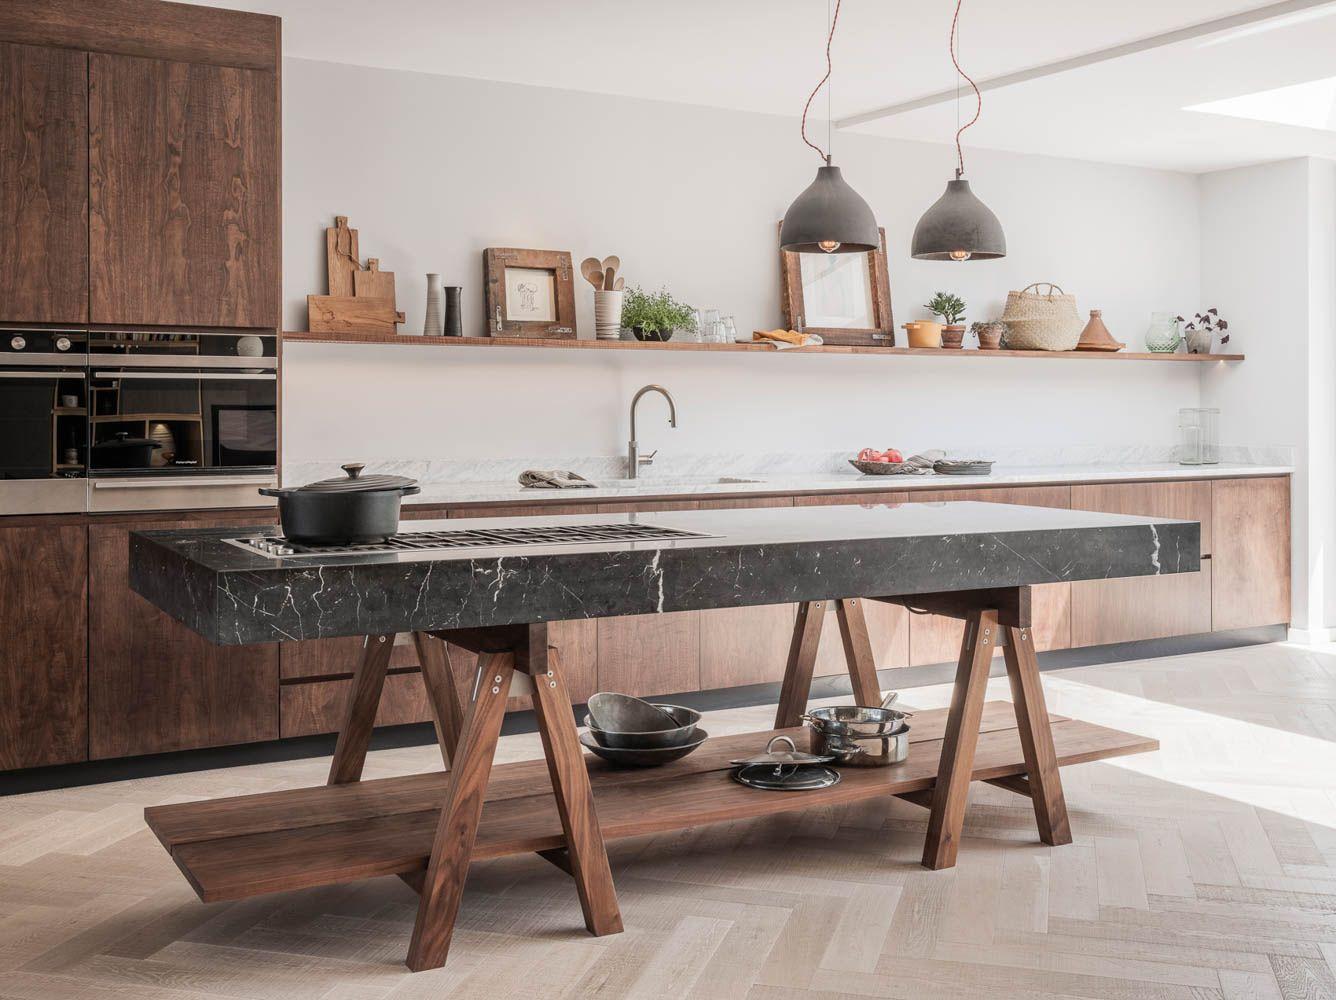 best european kitchen trends for 2019 kitchen trends european kitchens modern kitchen design on kitchen ideas european id=94012